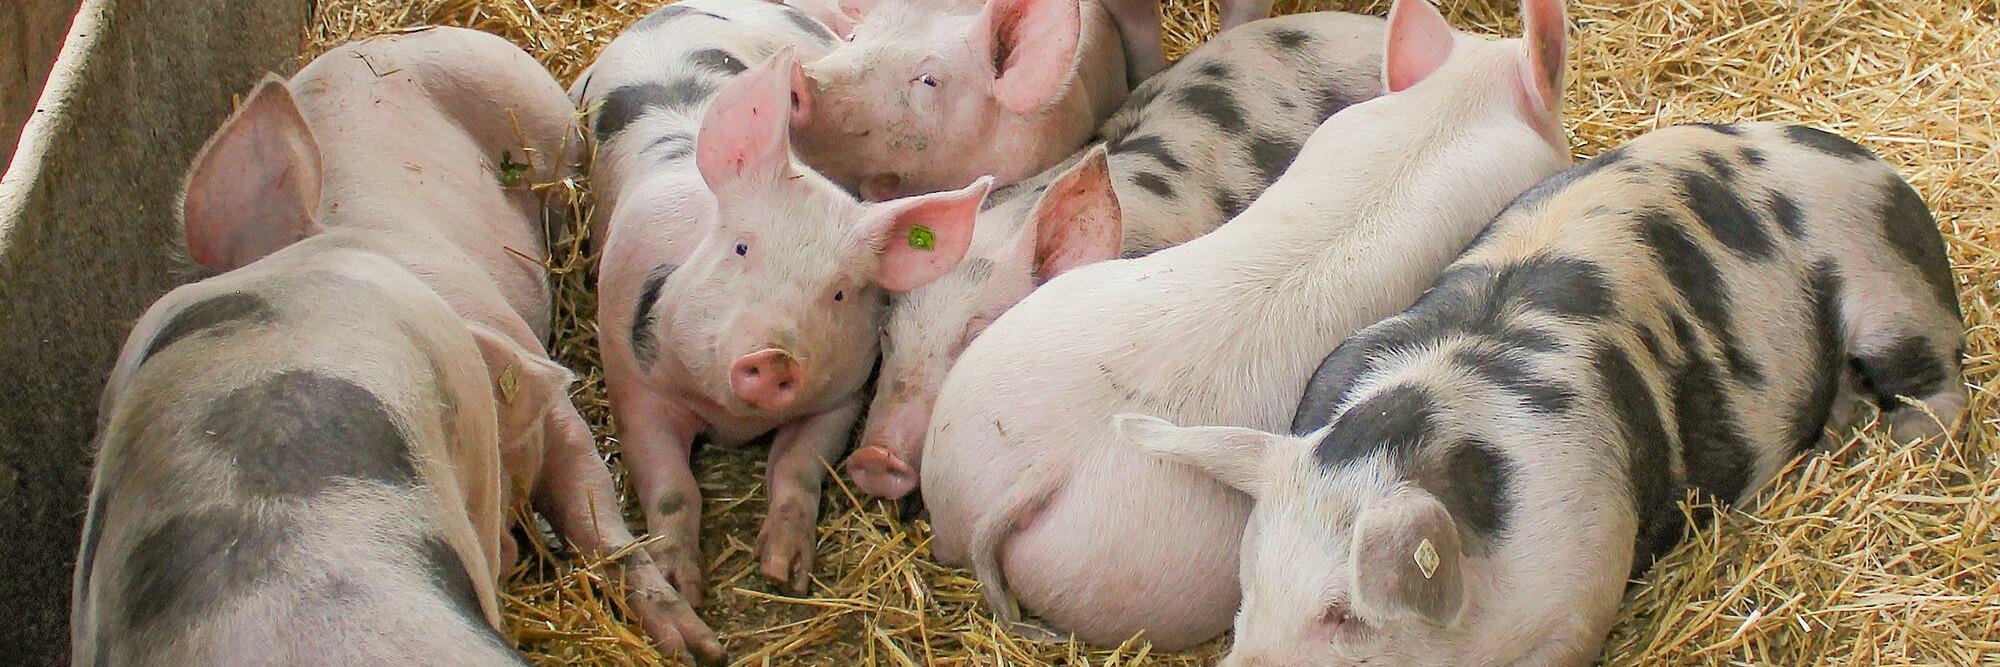 Schweine im Stroh